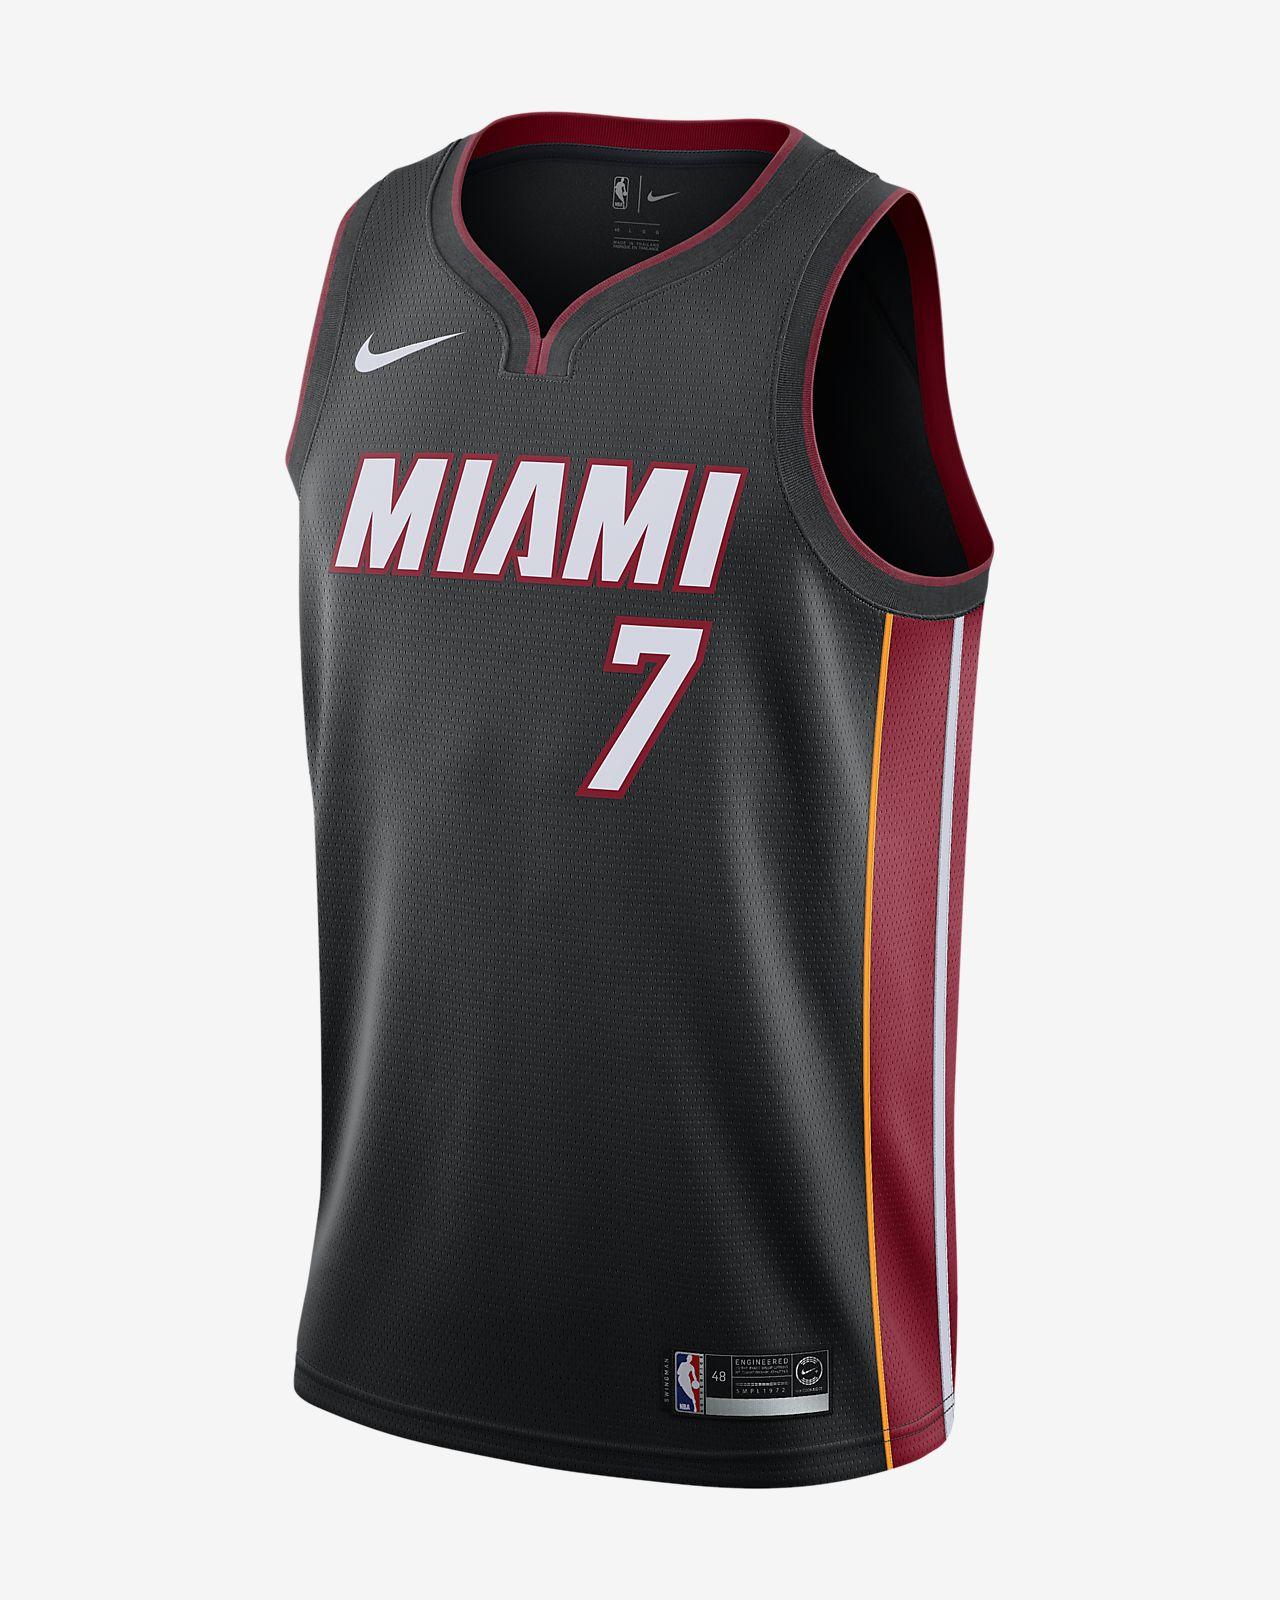 e4a6f126067d3 ... Camiseta conectada Nike NBA para hombre Goran Dragić Icon Edition  Swingman Jersey (Miami Heat)